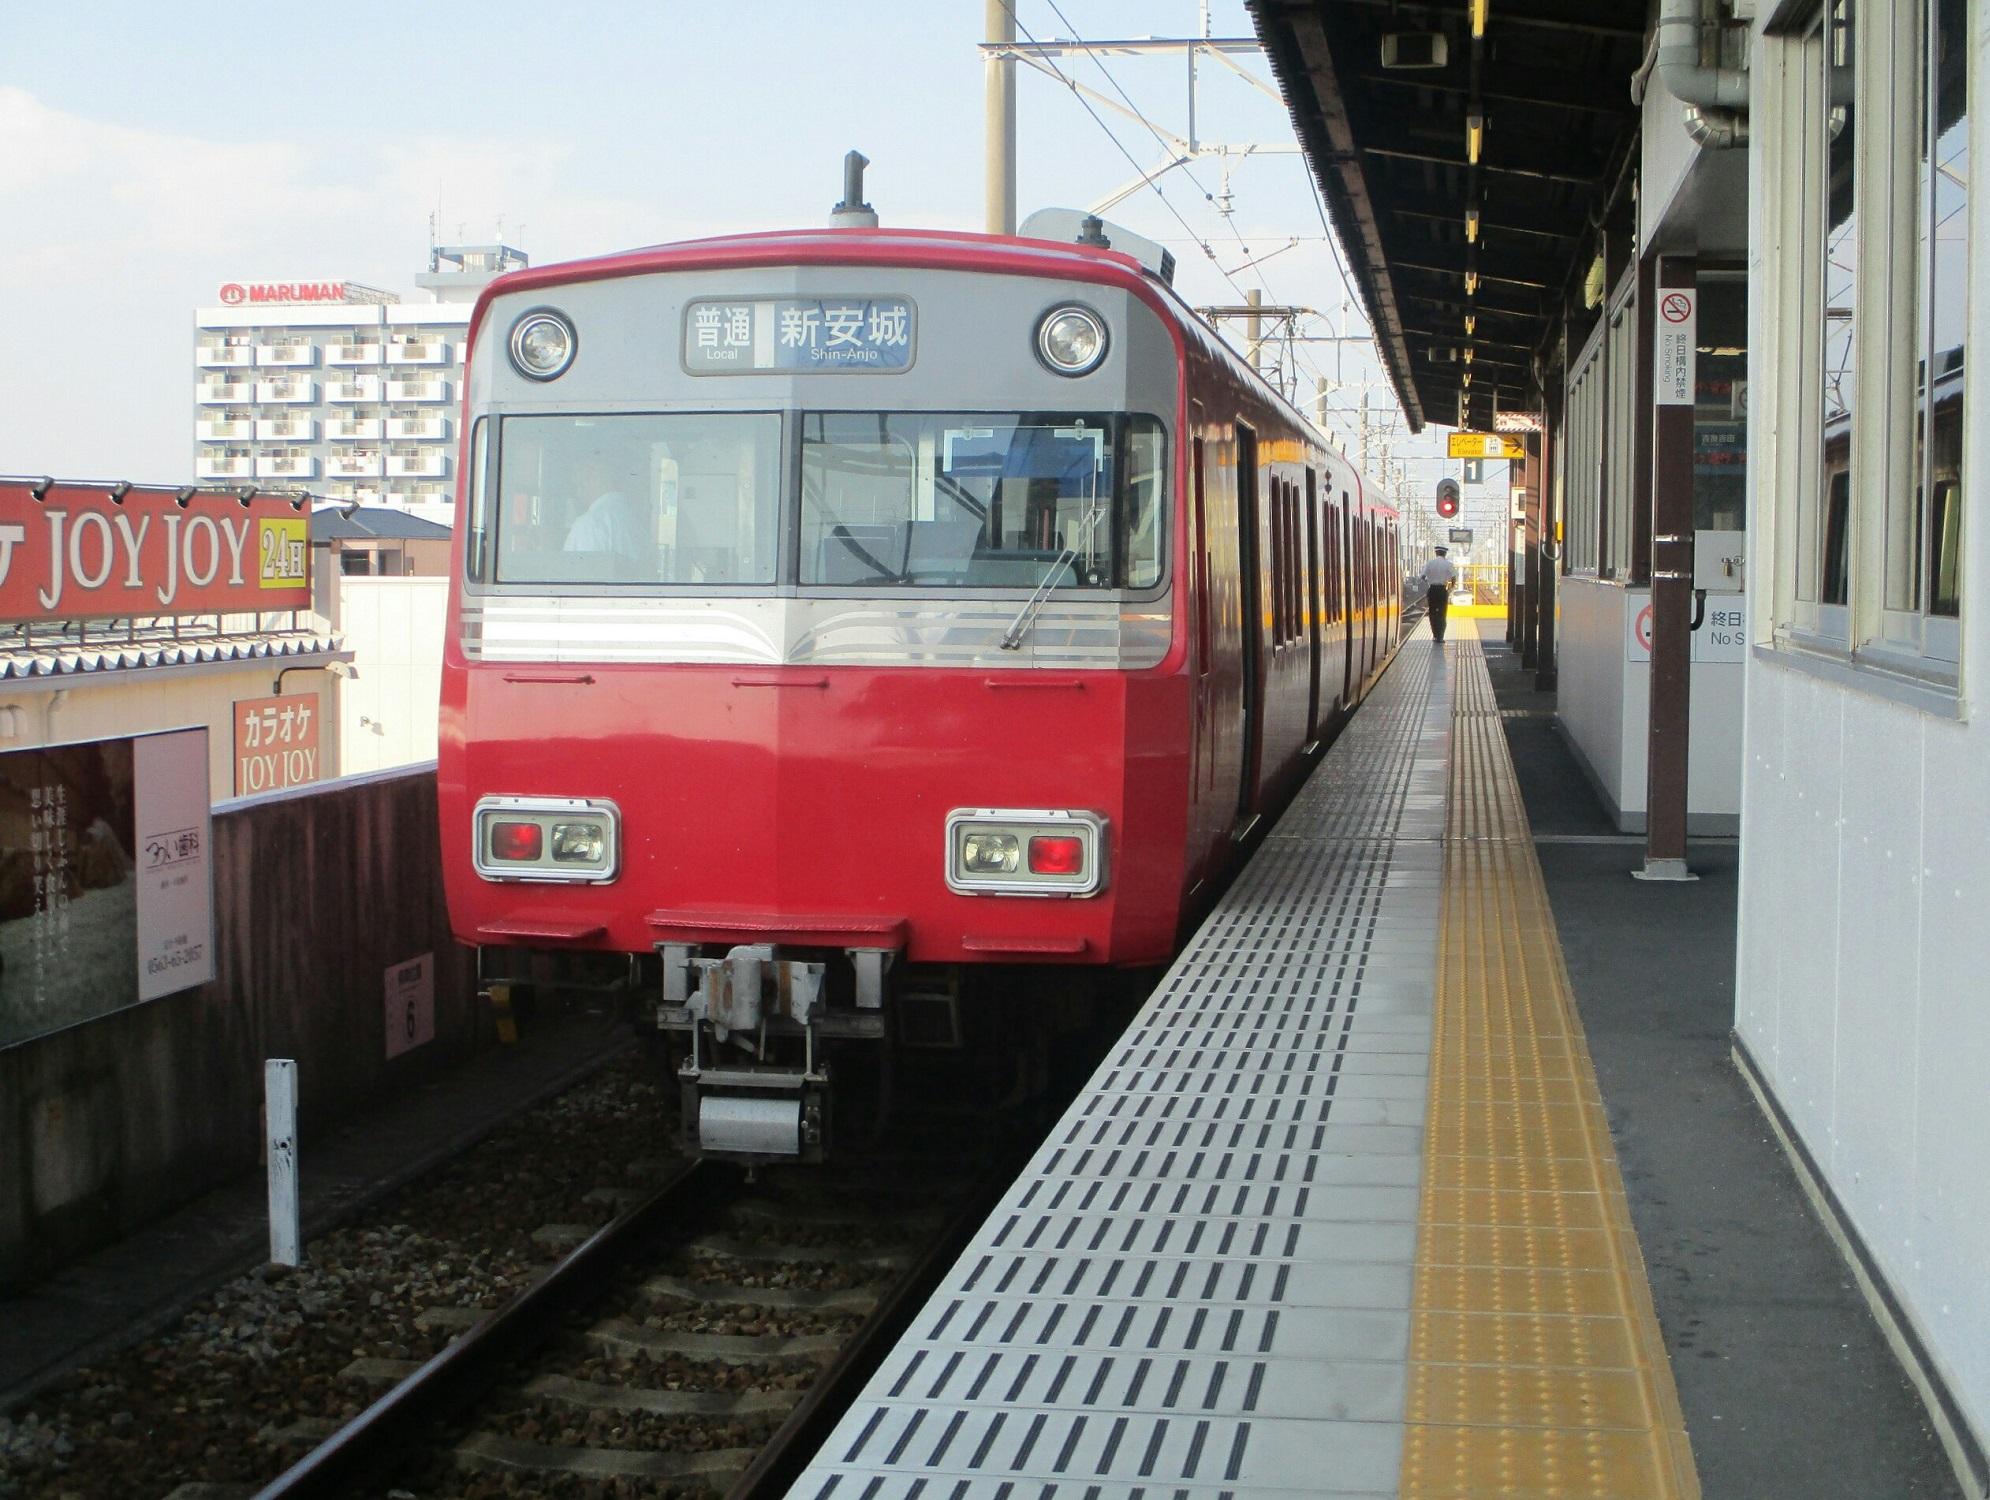 2019.8.18 (10) 西尾 - しんあんじょういきふつう 1990-1500